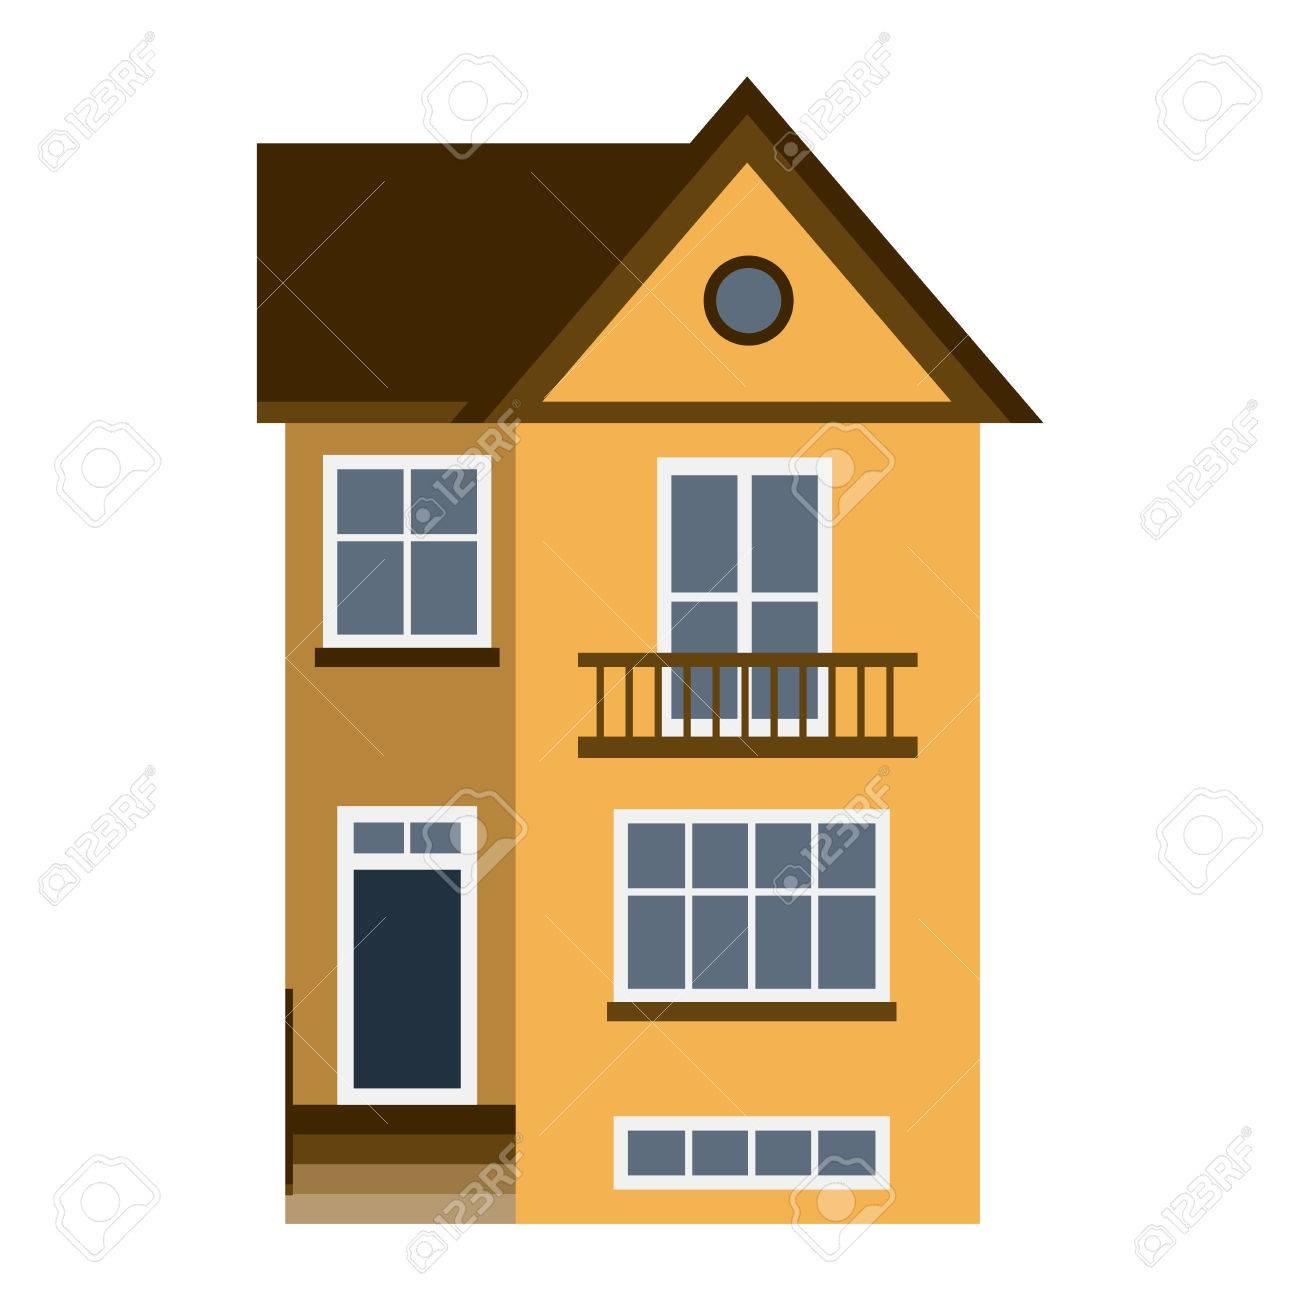 Haus Frontansicht Vektor-Illustration. Häuser Flach Stil Moderne ...